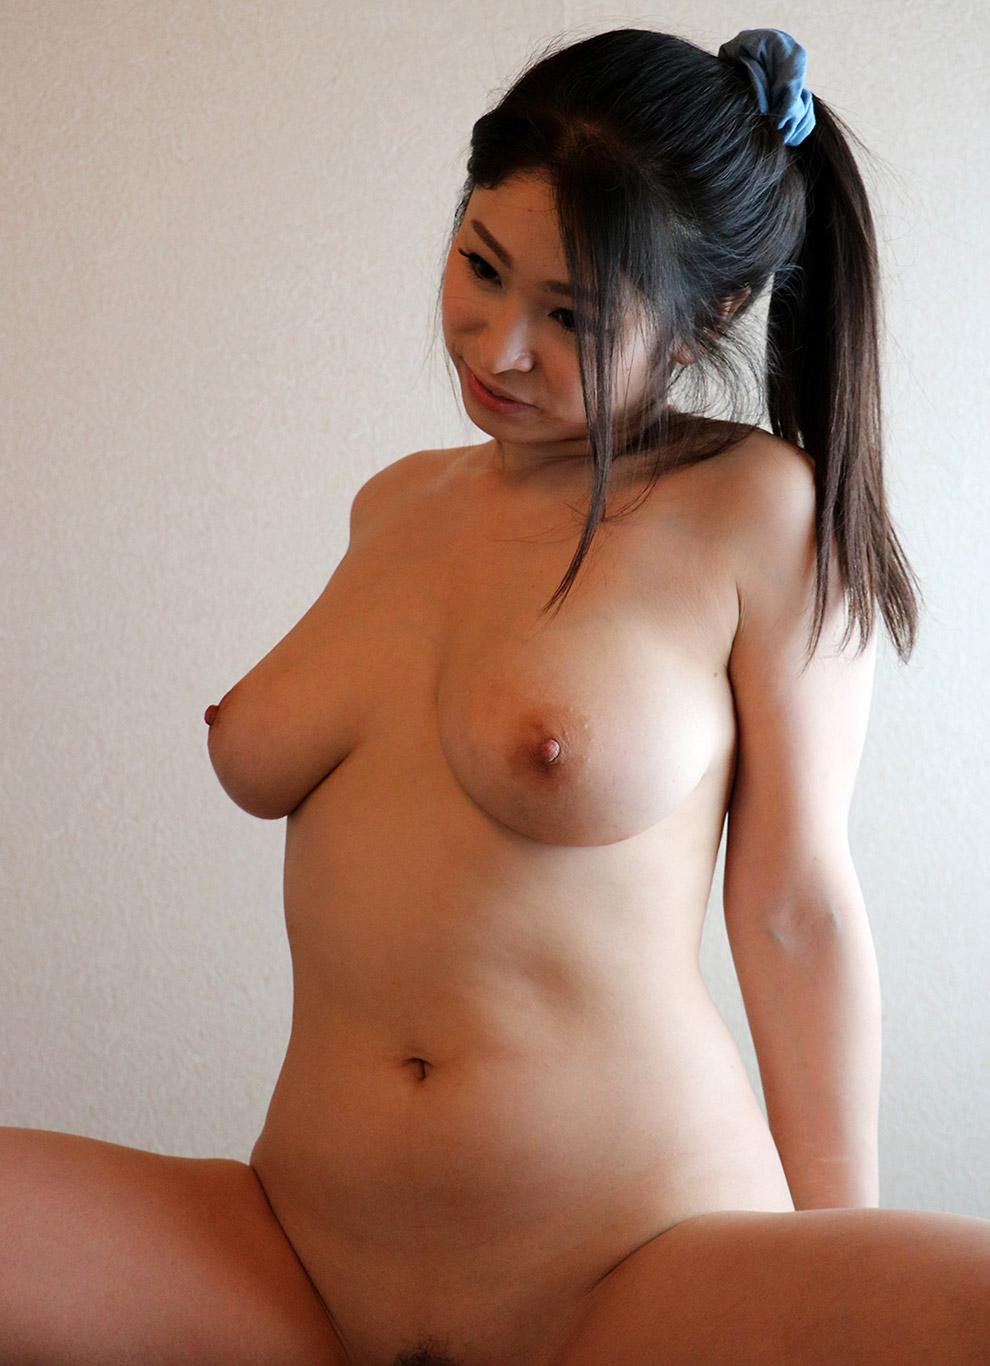 Cute chubby girl nude